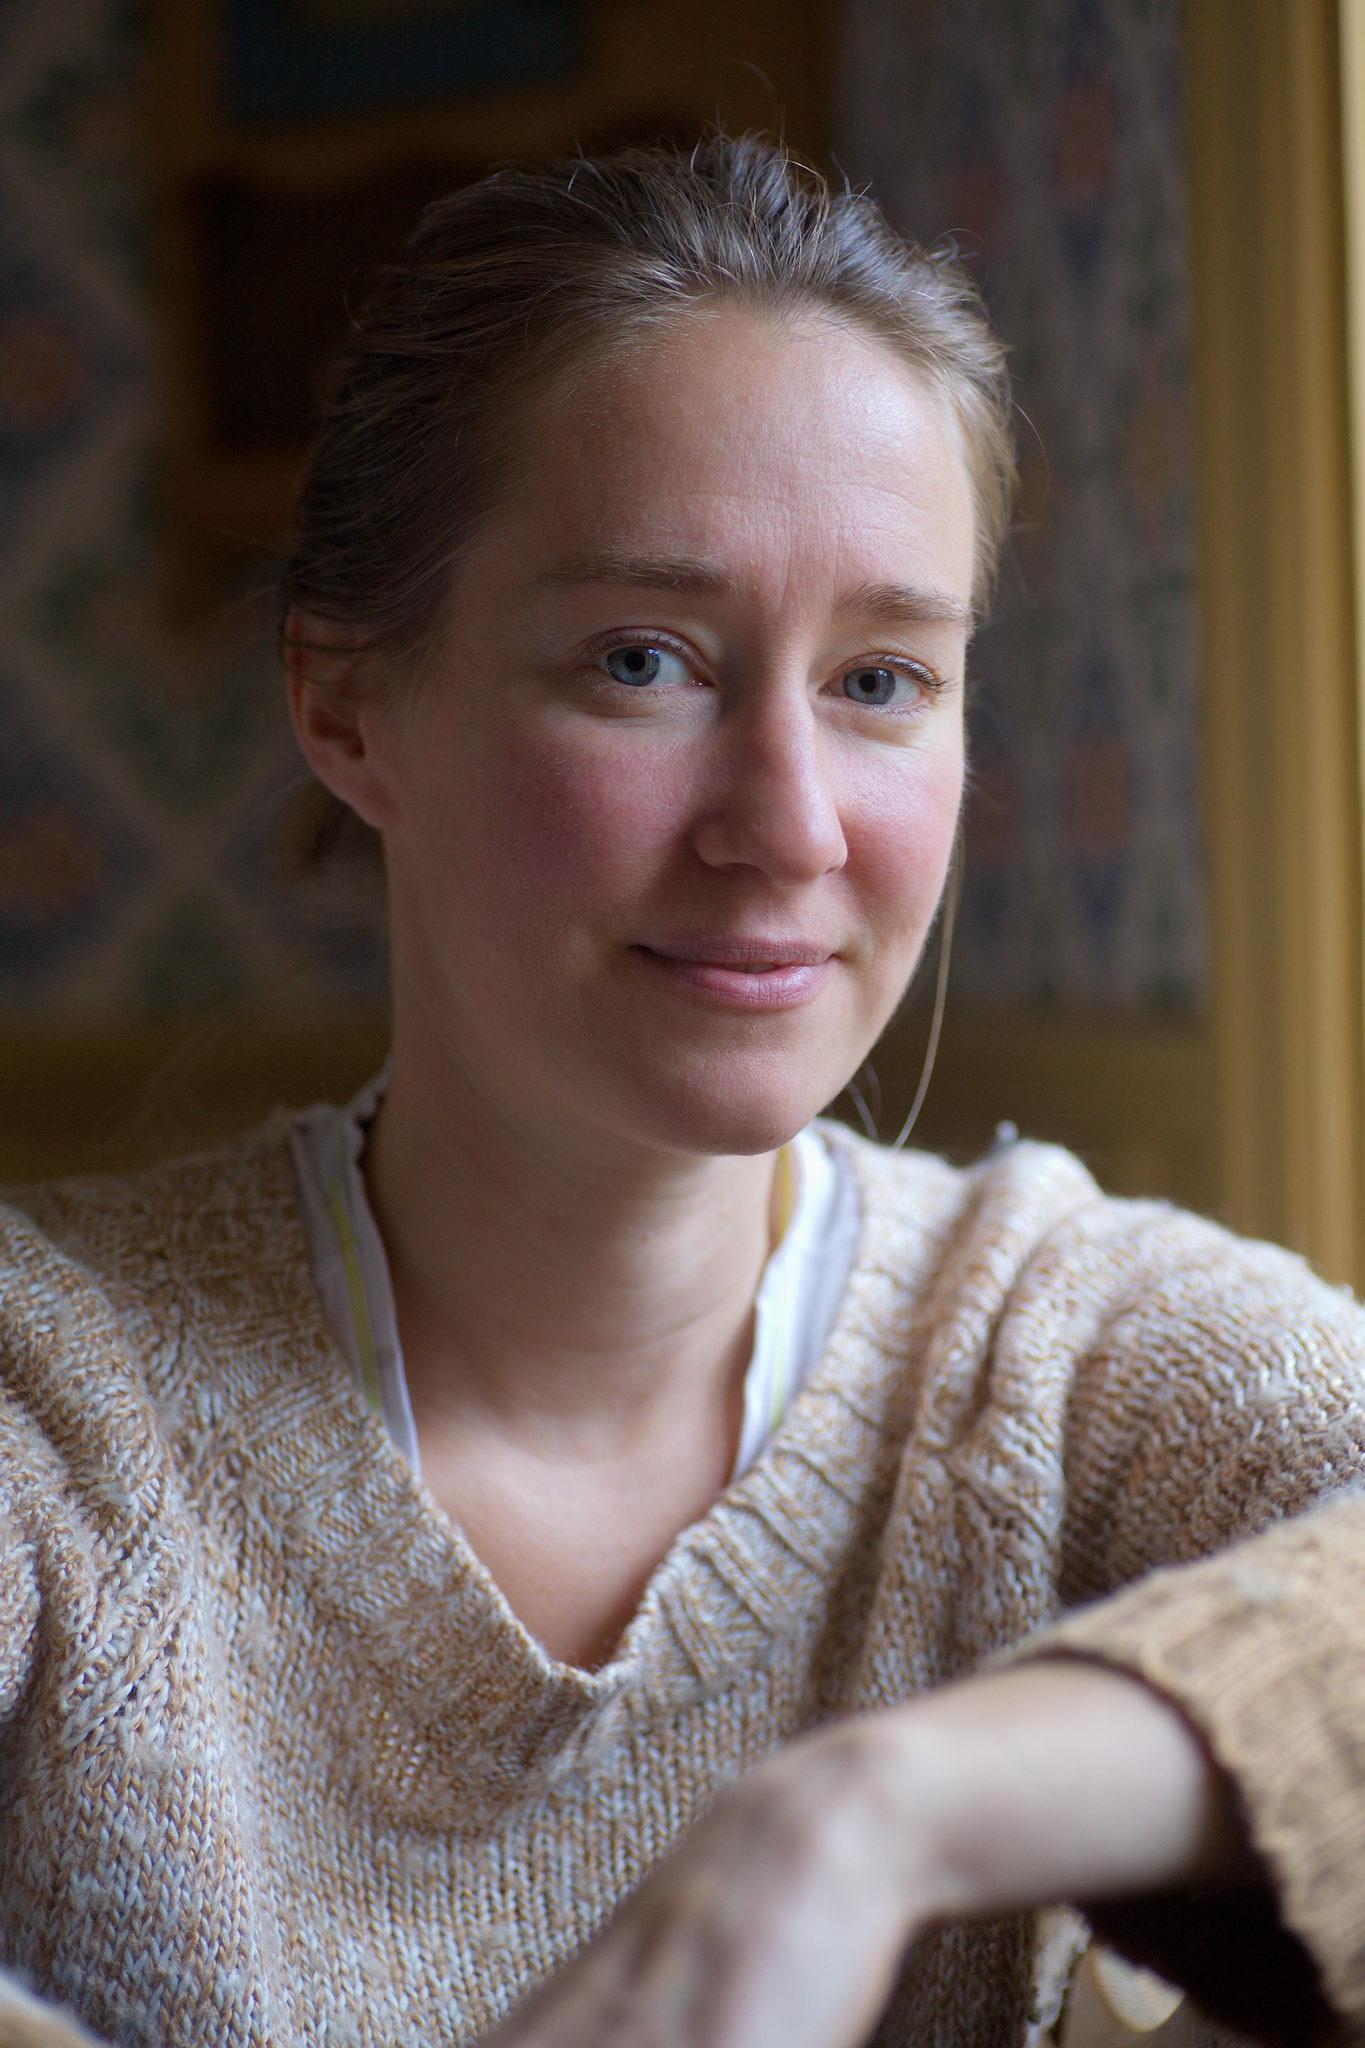 Intervju med Charlotte Rückl